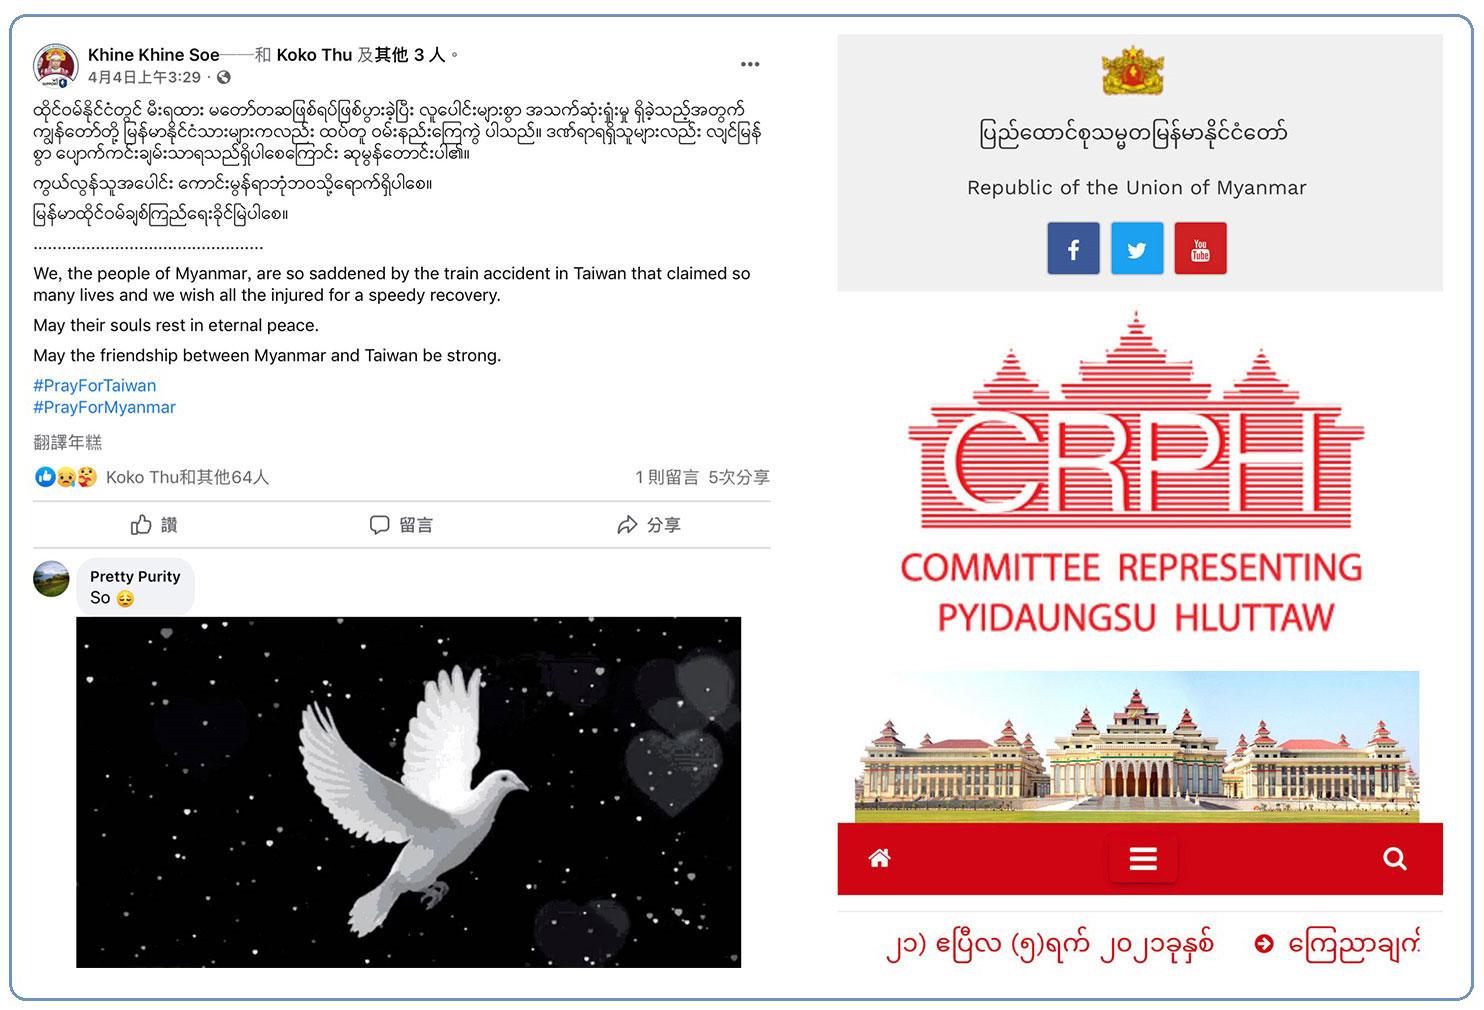 """左图:缅人脸书为台湾铁路五十一死事故祈福。 右图:缅甸人民认为去年十一月选出的代表组成的""""缅甸联邦议会代表委员会(CRPH)""""才是缅甸合法政府。"""